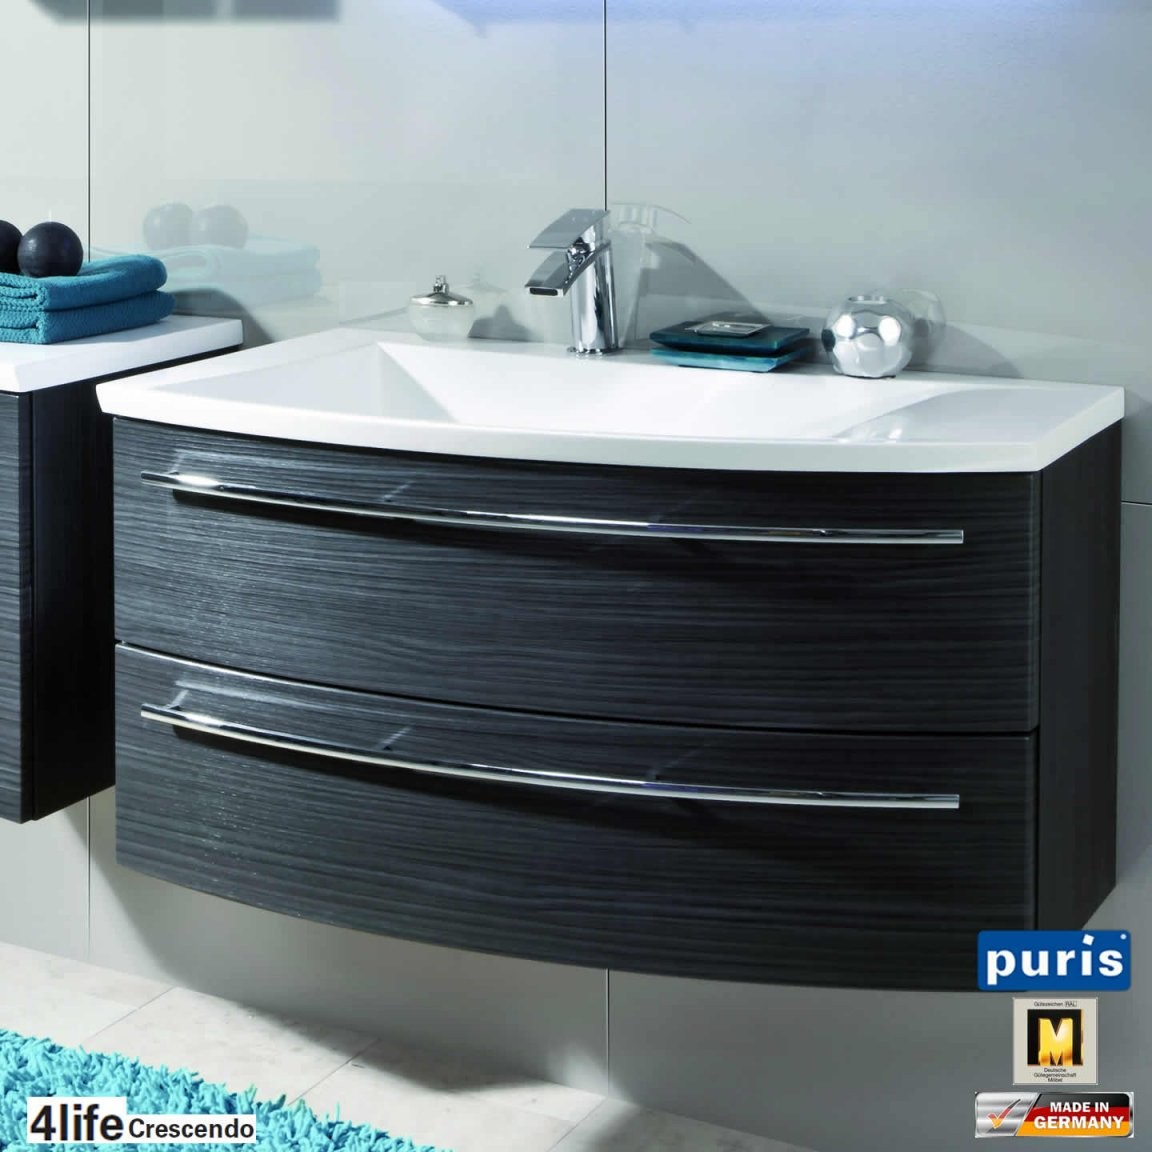 Puris Crescendo Badmöbel Als Waschtischset 90 Cm  Waschtisch von Badmöbel 90 Cm Breit Bild